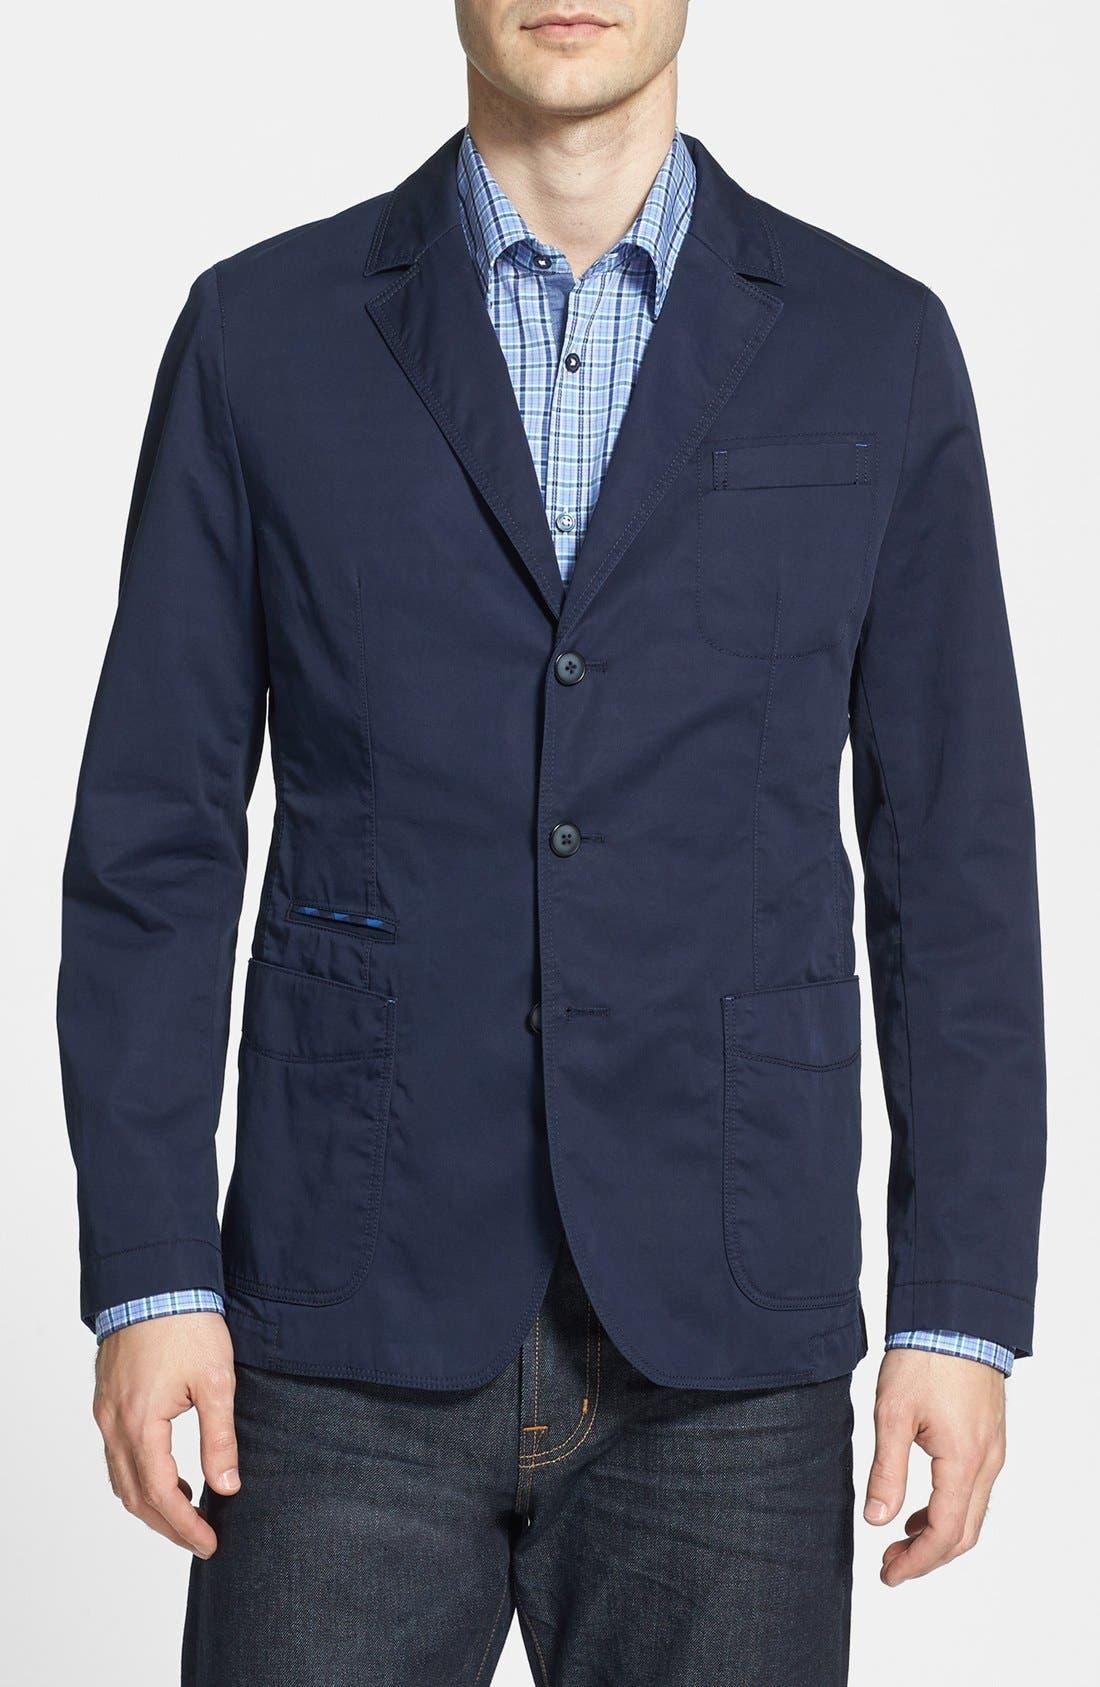 Alternate Image 1 Selected - BOSS HUGO BOSS 'Medvin' Regular Fit Sportcoat